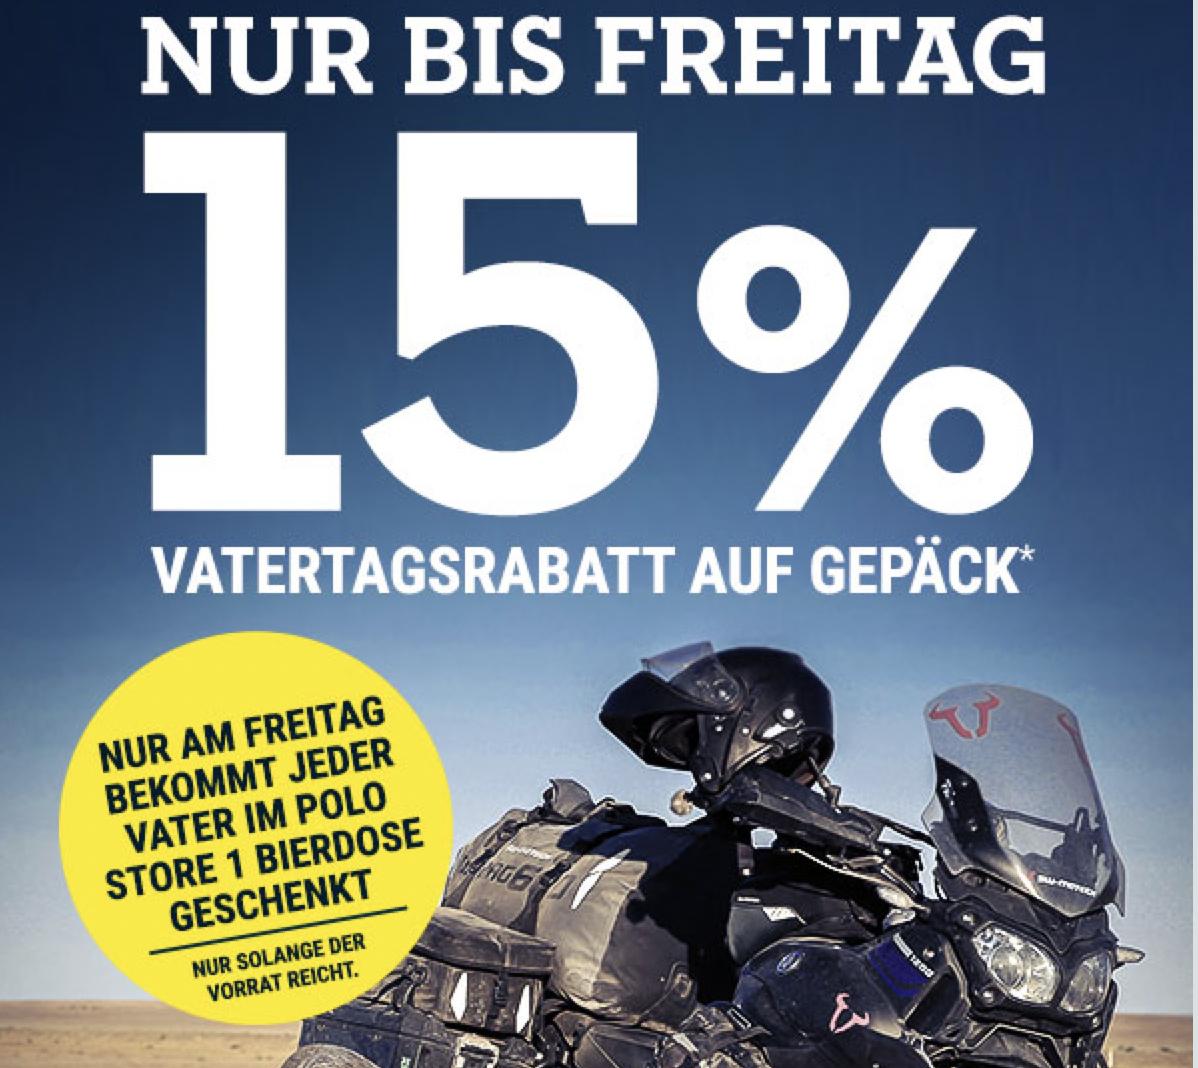 Polo Motorrad: 1 Dose Freibier im Store + 15% Vatertagsrabatt auf Gepäck (offline/online)